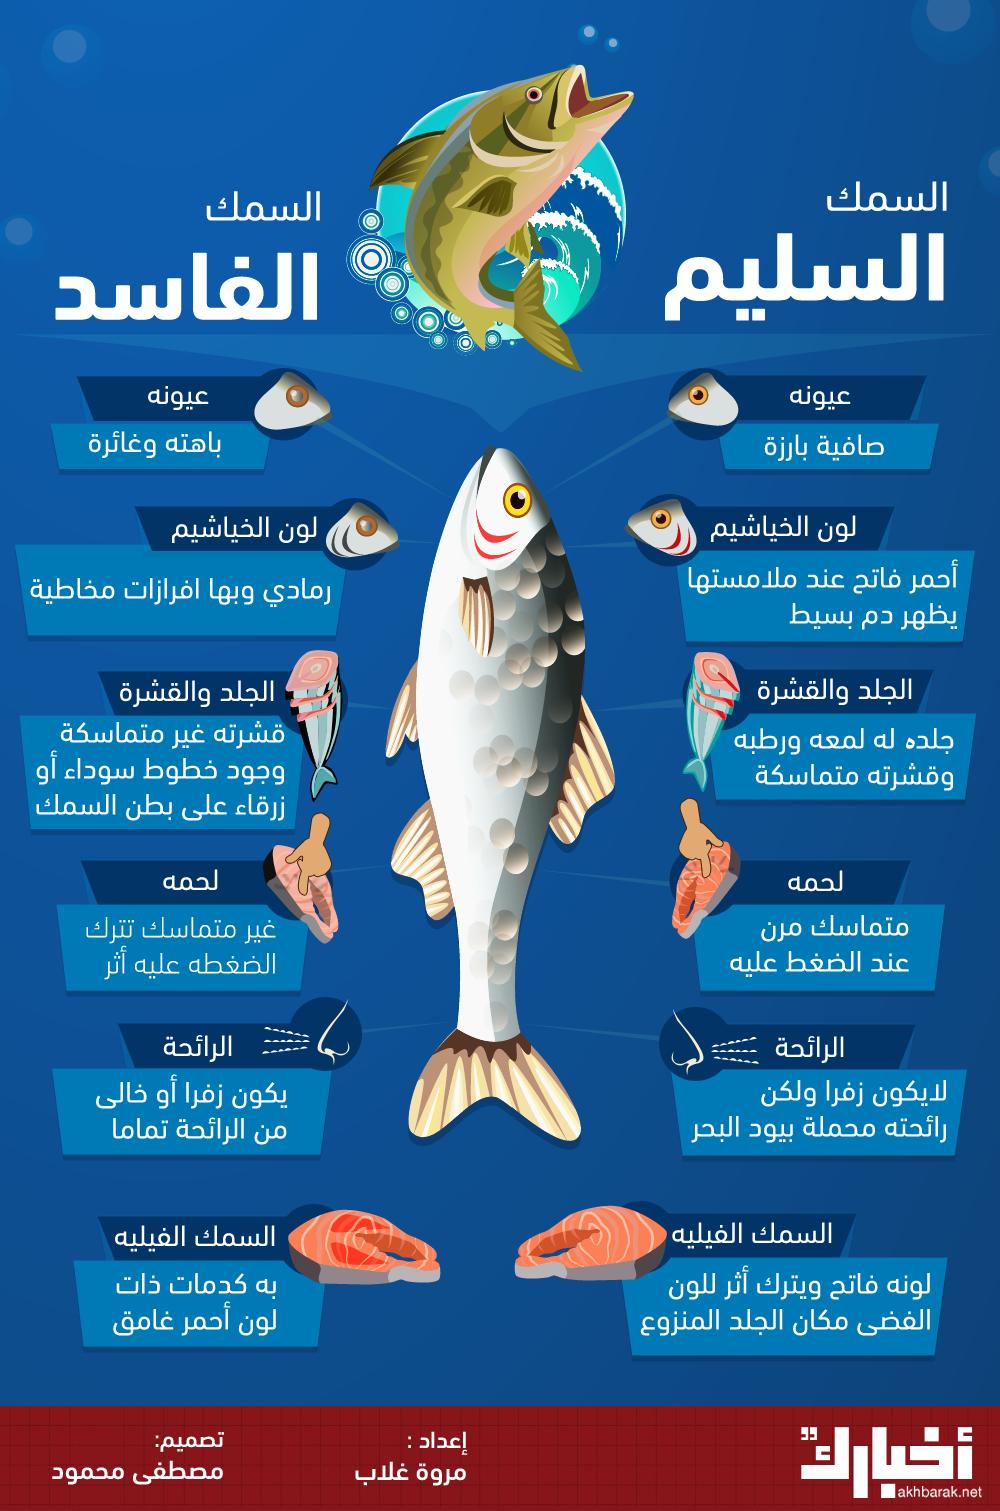 كيف تفرق بين السمك السليم والفاسد